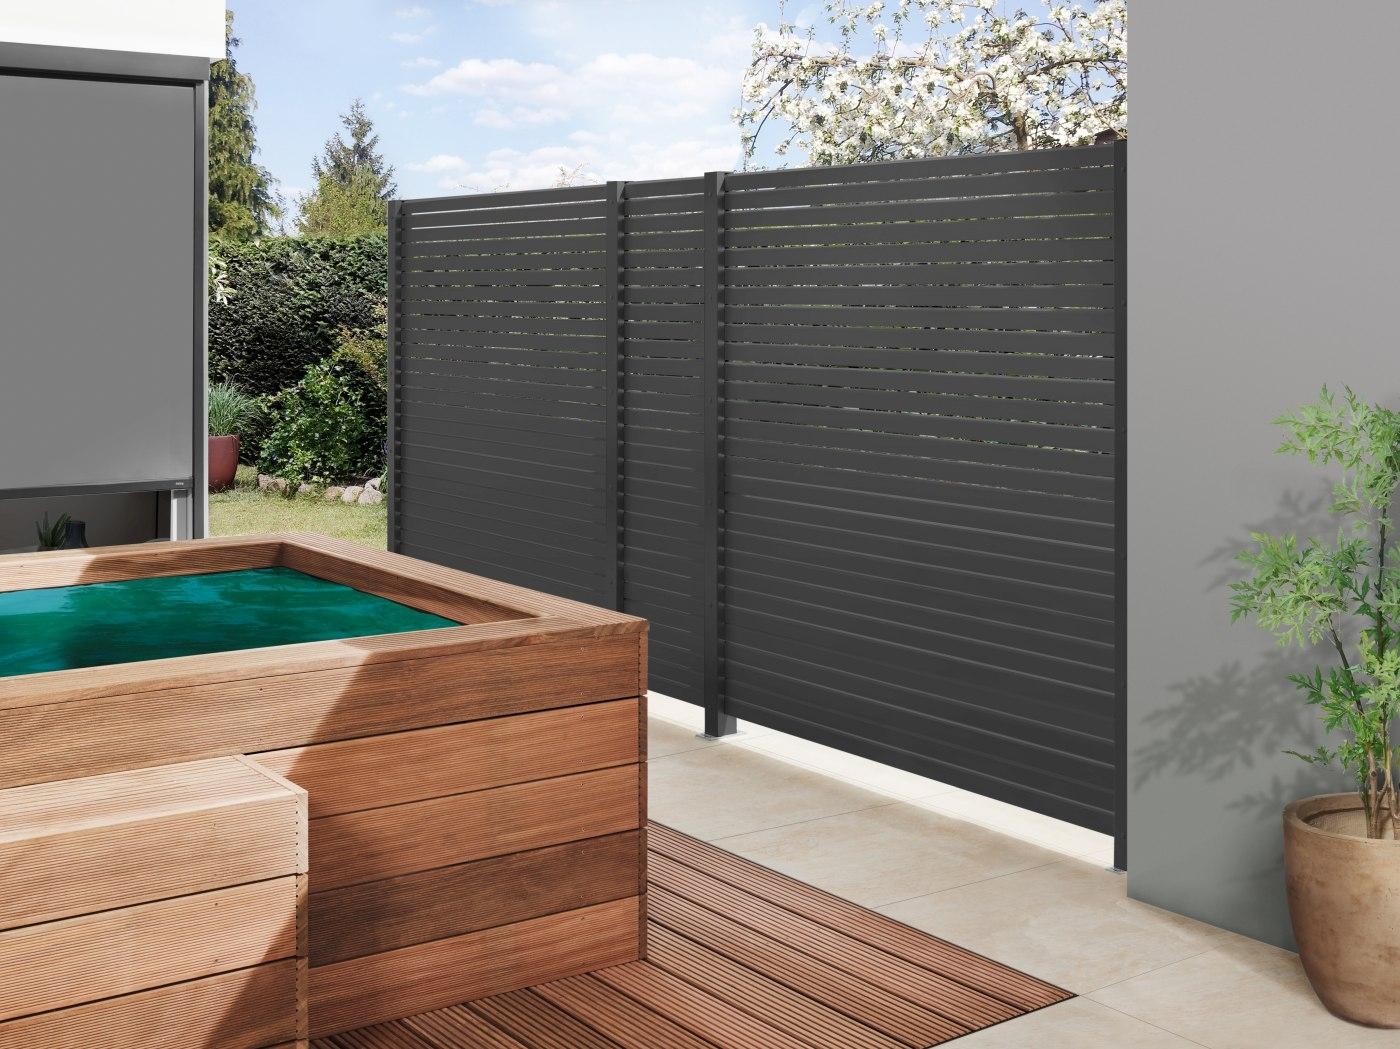 sichschutzzaun f r mehr privatsph re auf der terrasse und. Black Bedroom Furniture Sets. Home Design Ideas